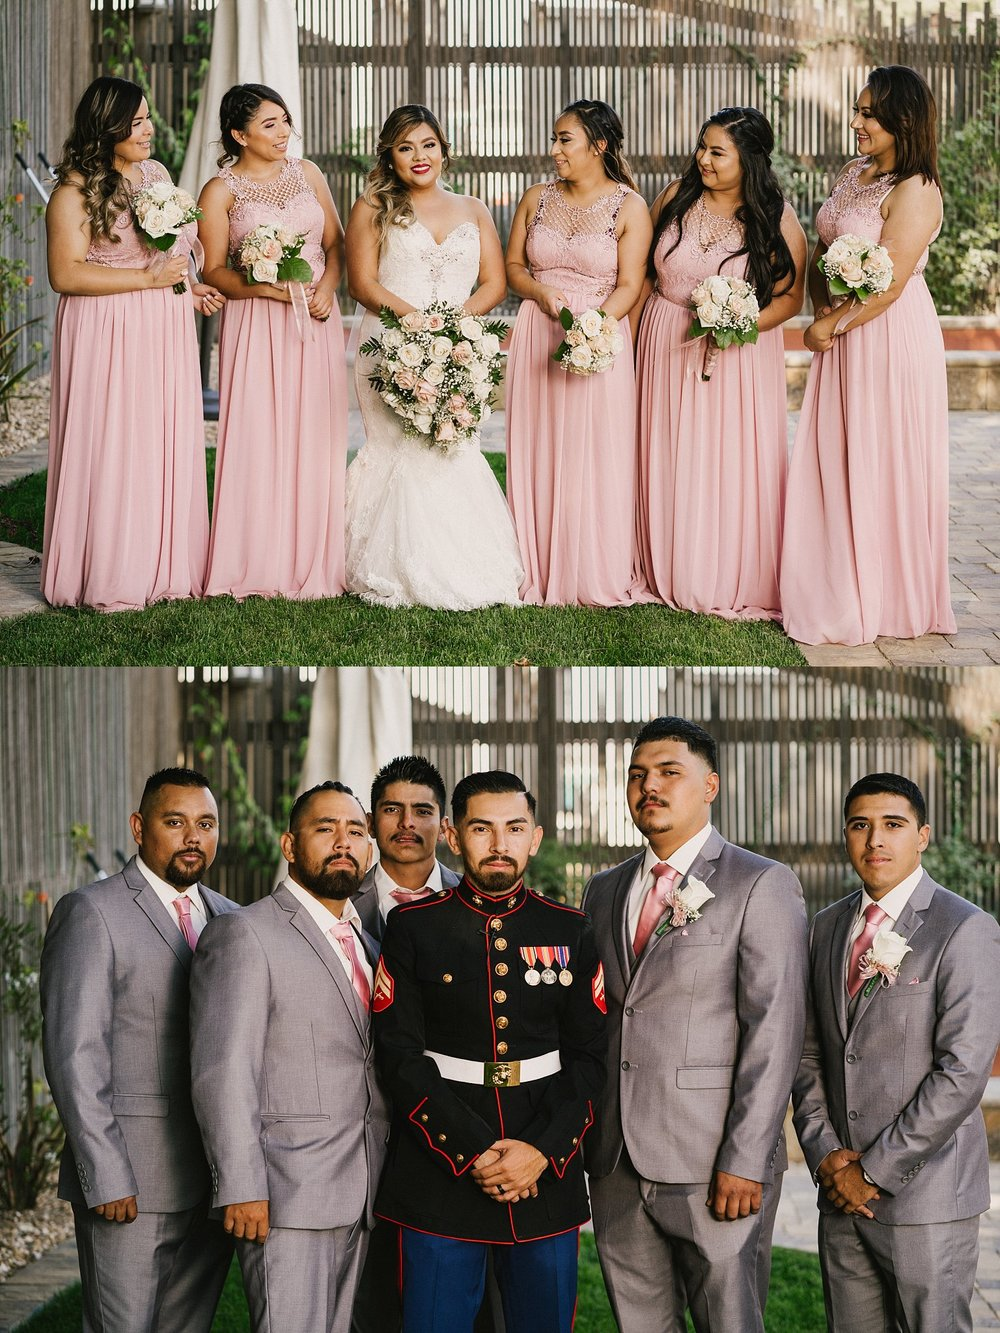 monterey-wedding-photographer-drew-zavala-john-yanderi-372.jpg